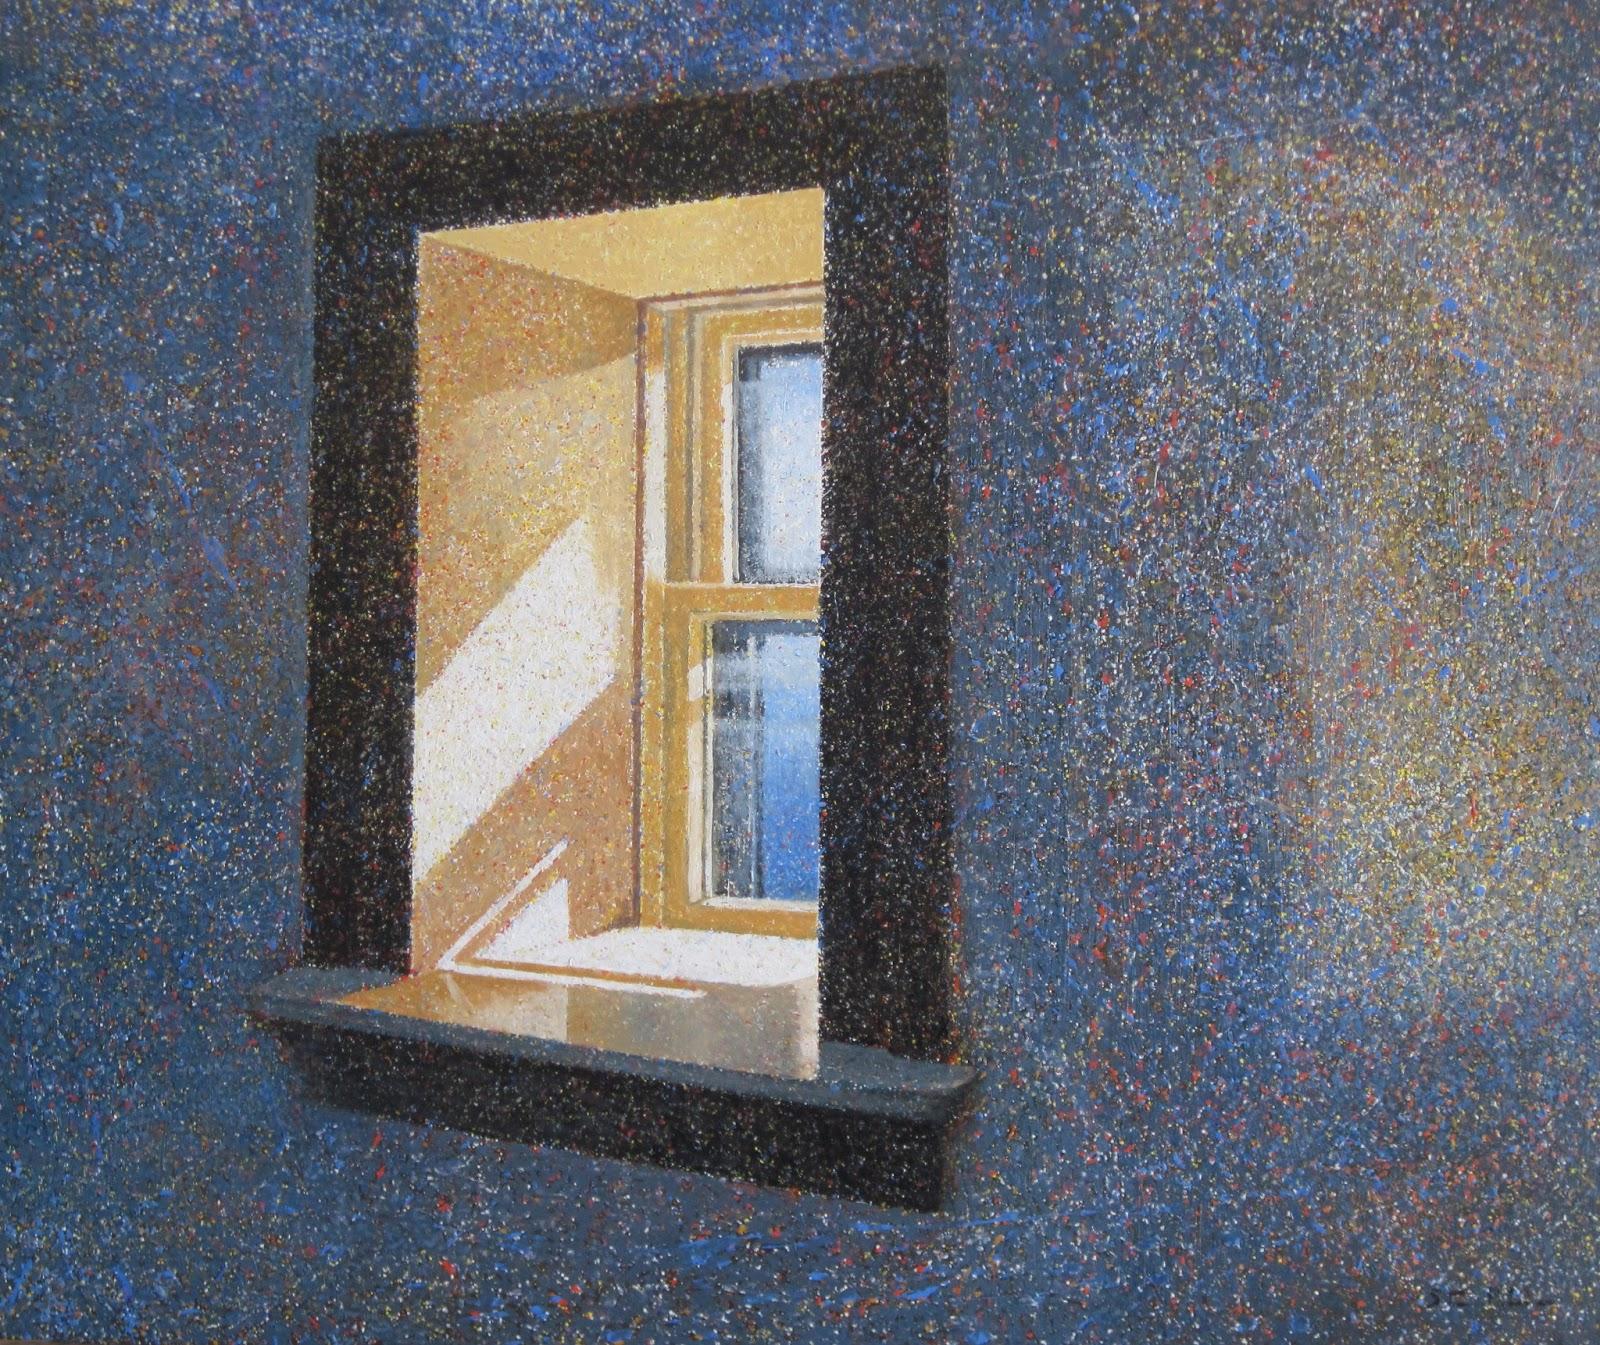 Steven Rhude - Paintings: February 2013